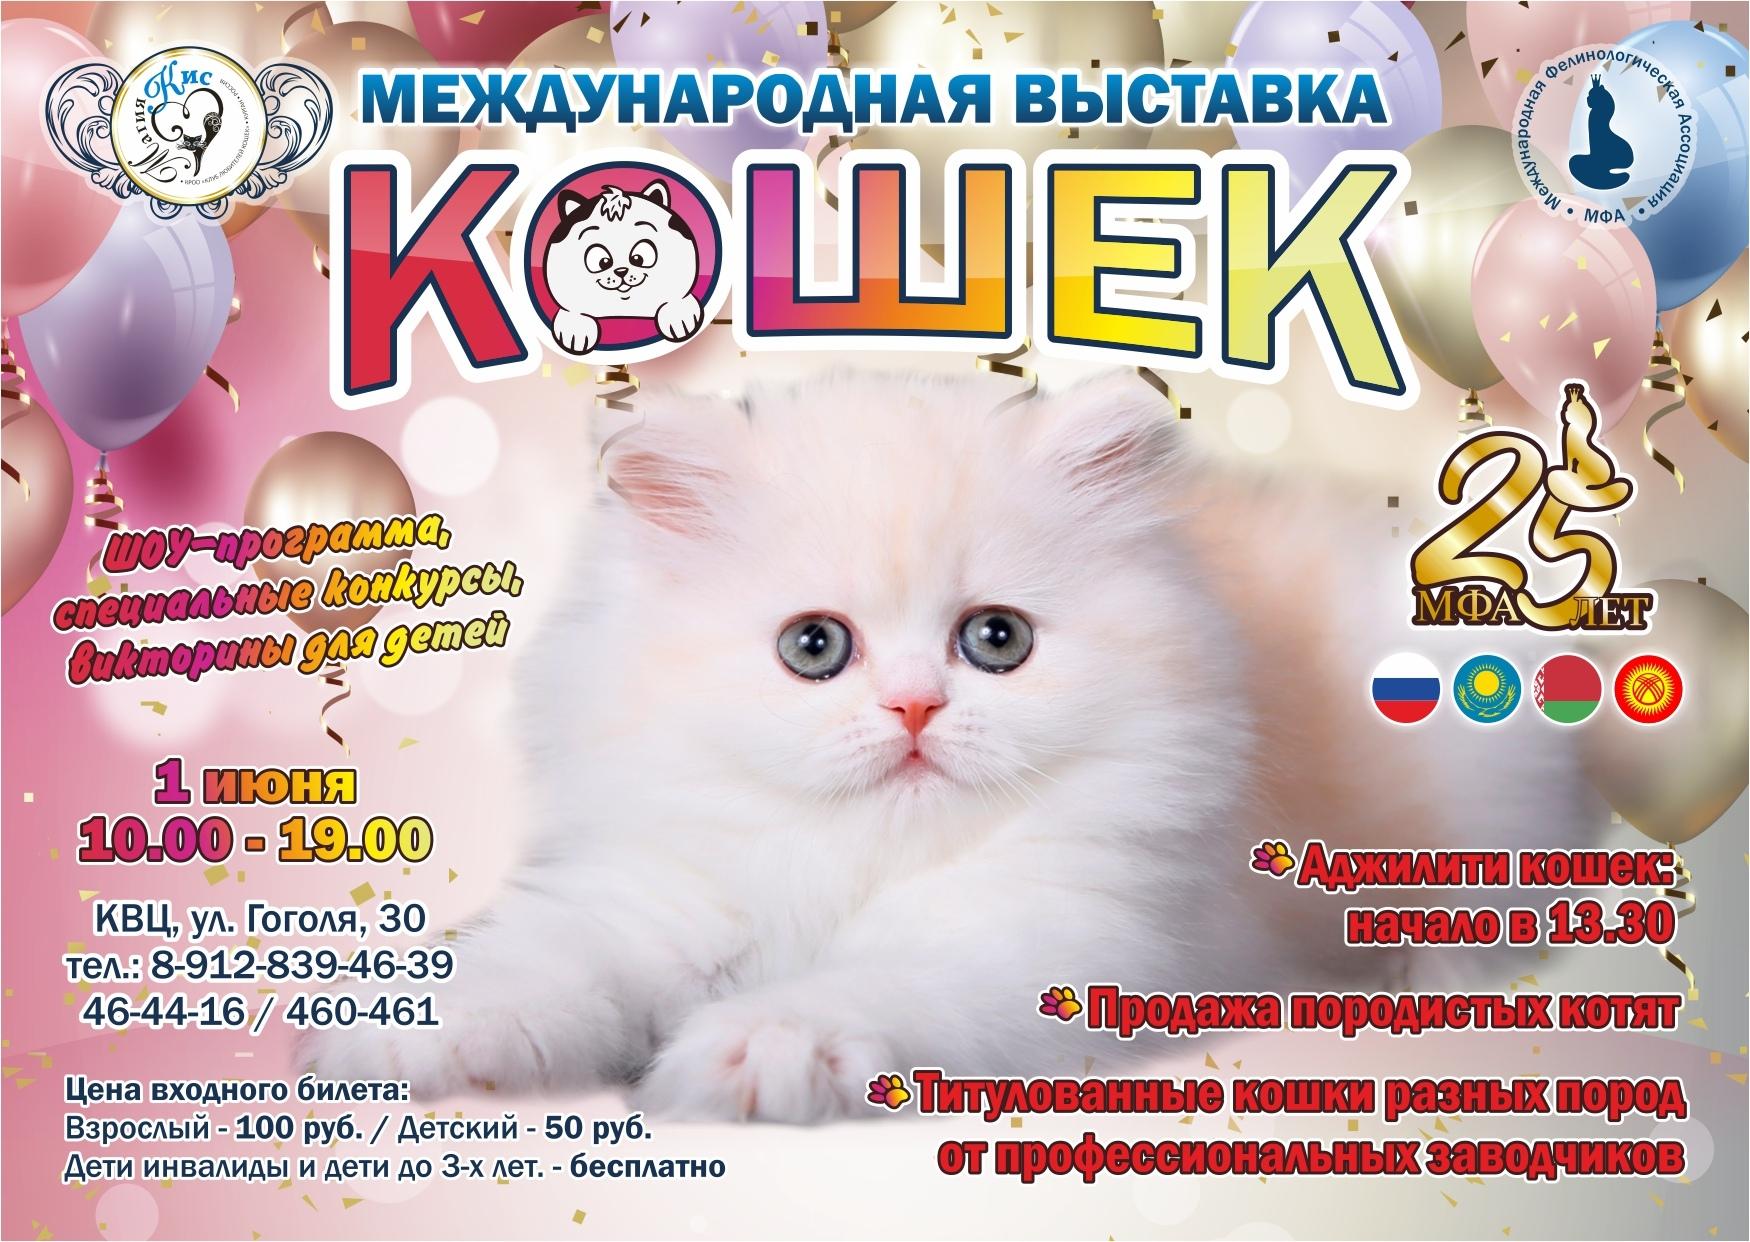 Областной культурно-выставочный центр Международная выставка кошек курган афиша расписание